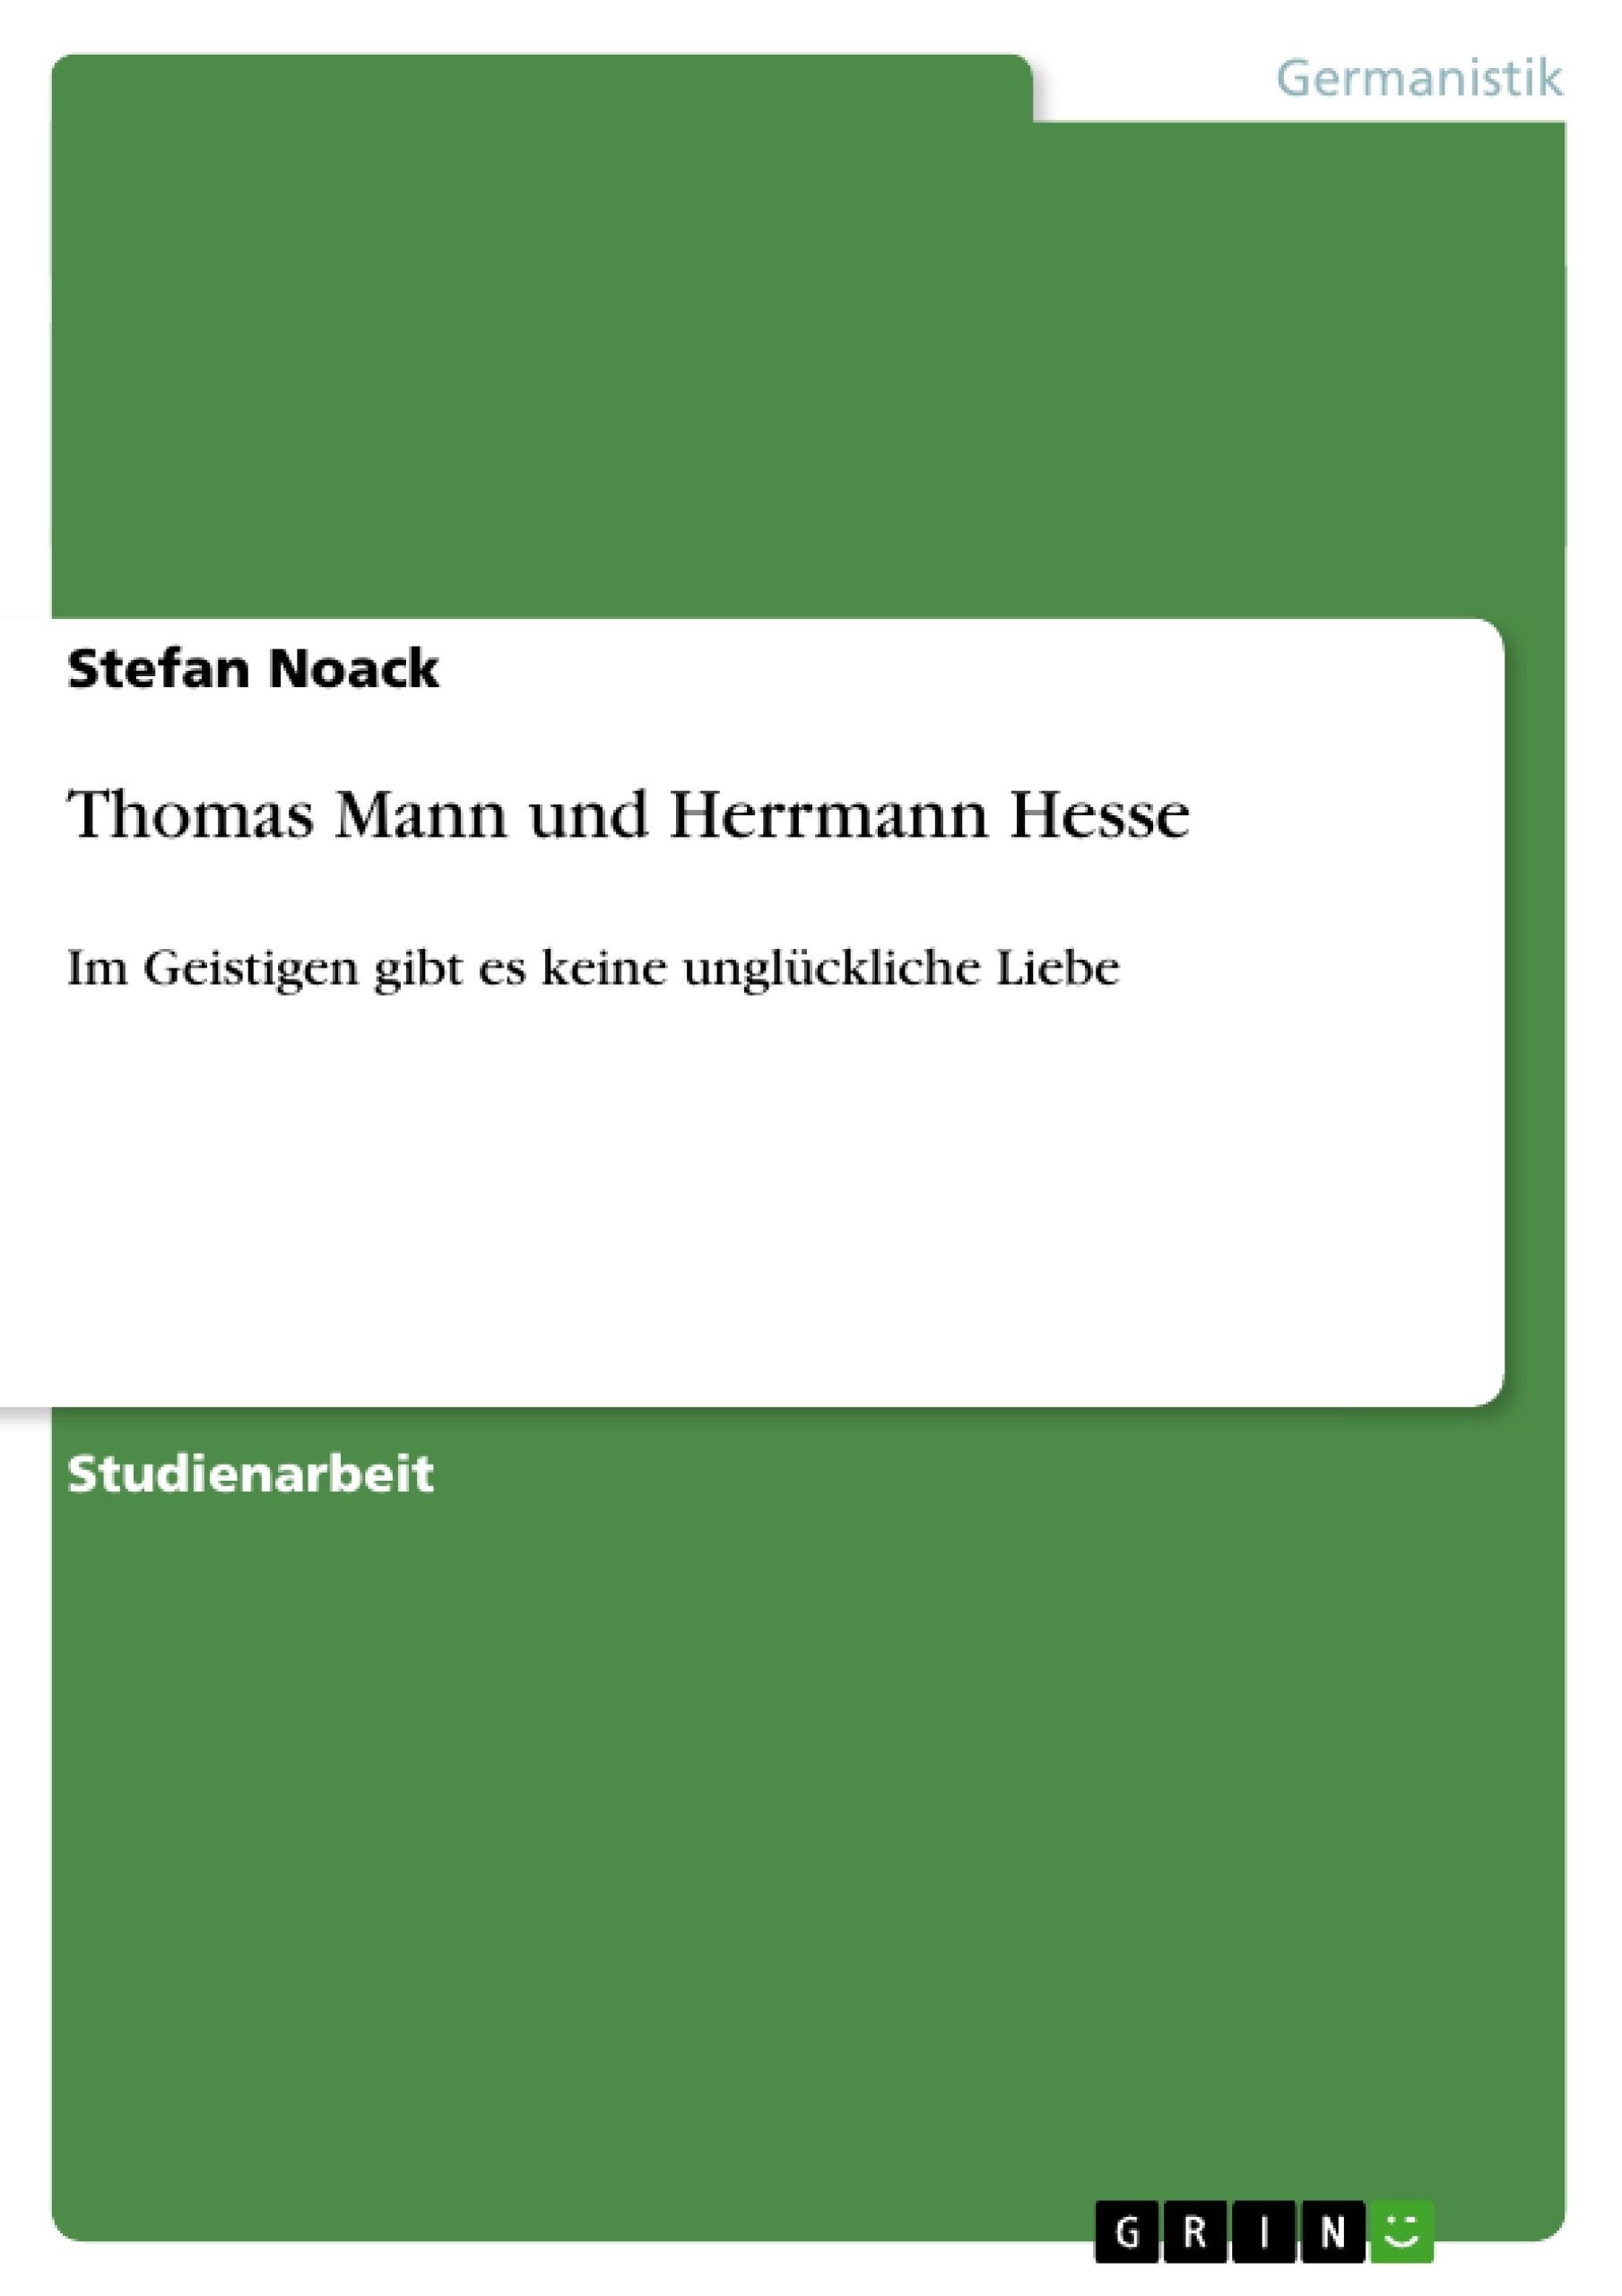 Die Kindheit: Aus. Hermann Hesse. Sein Leben und Werk. Kapitel 4 (German Edition)